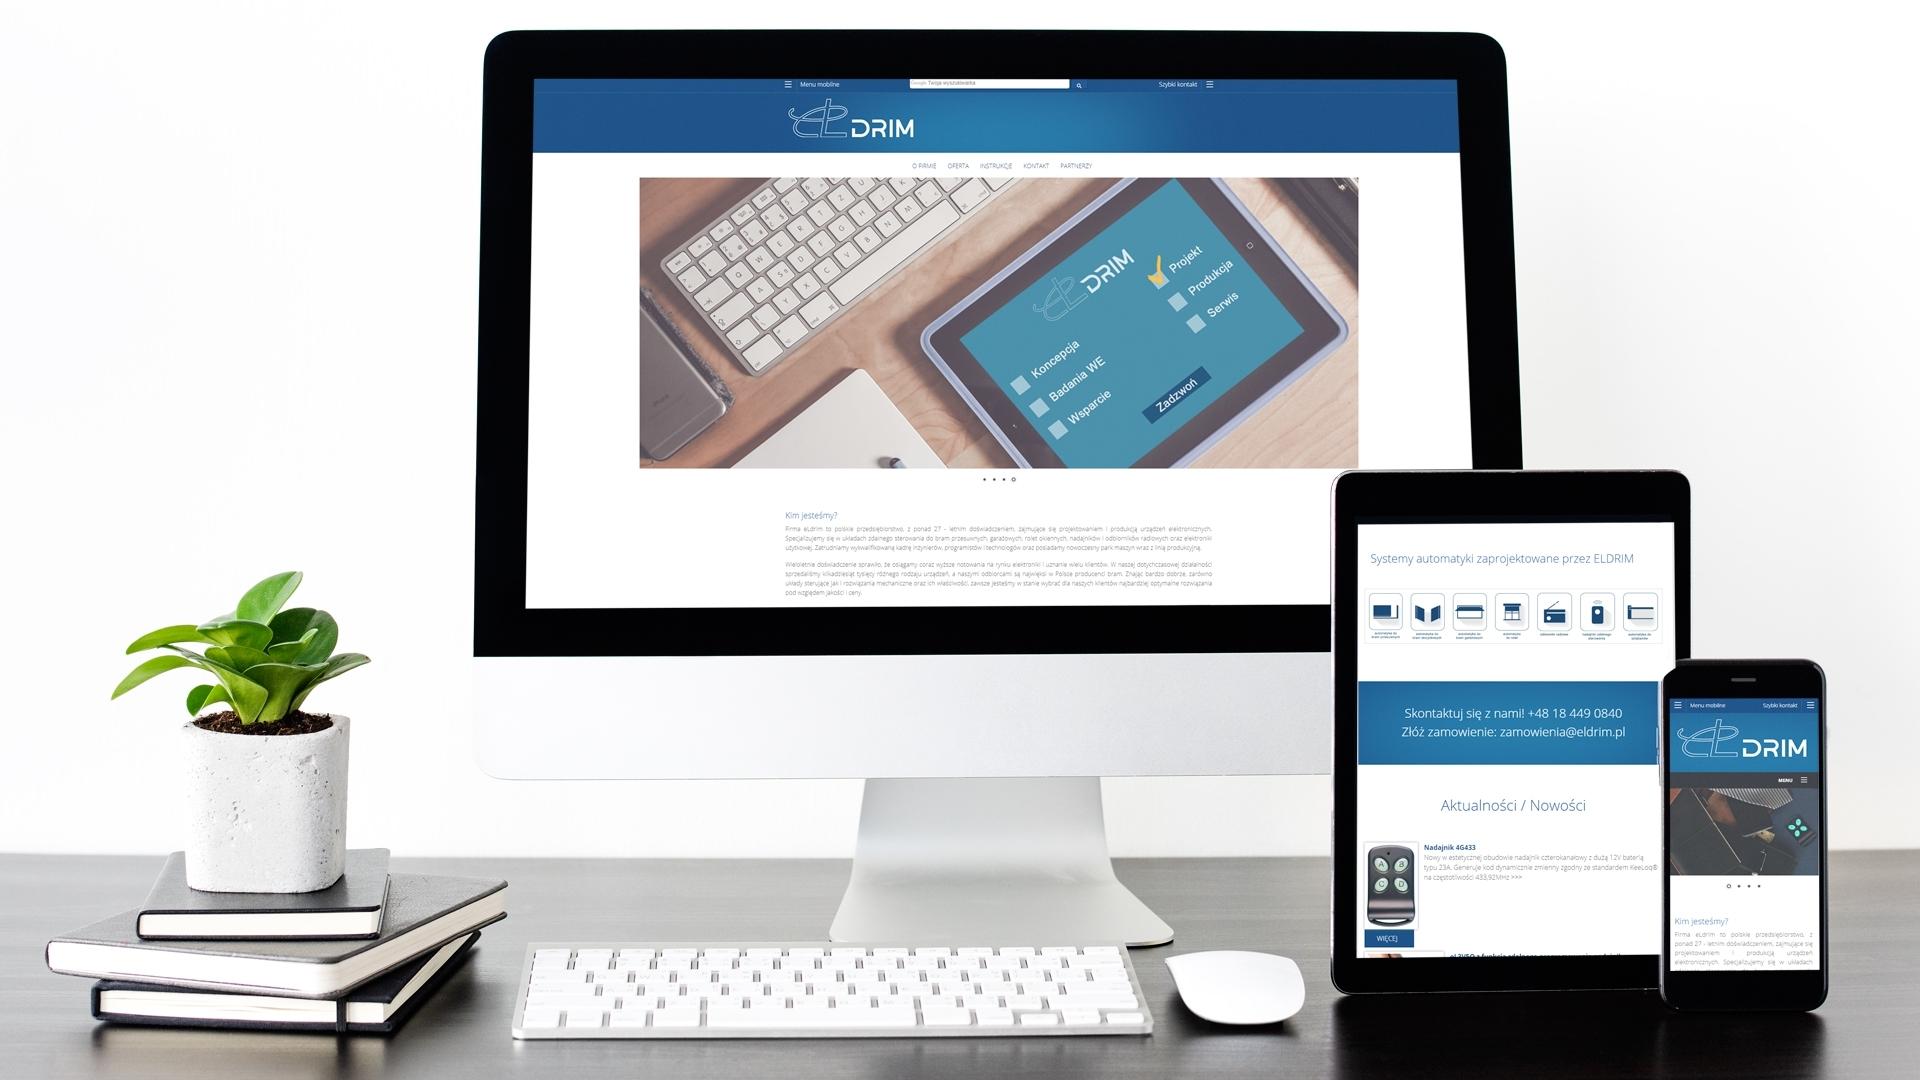 Strona internetowa dla Eldrim